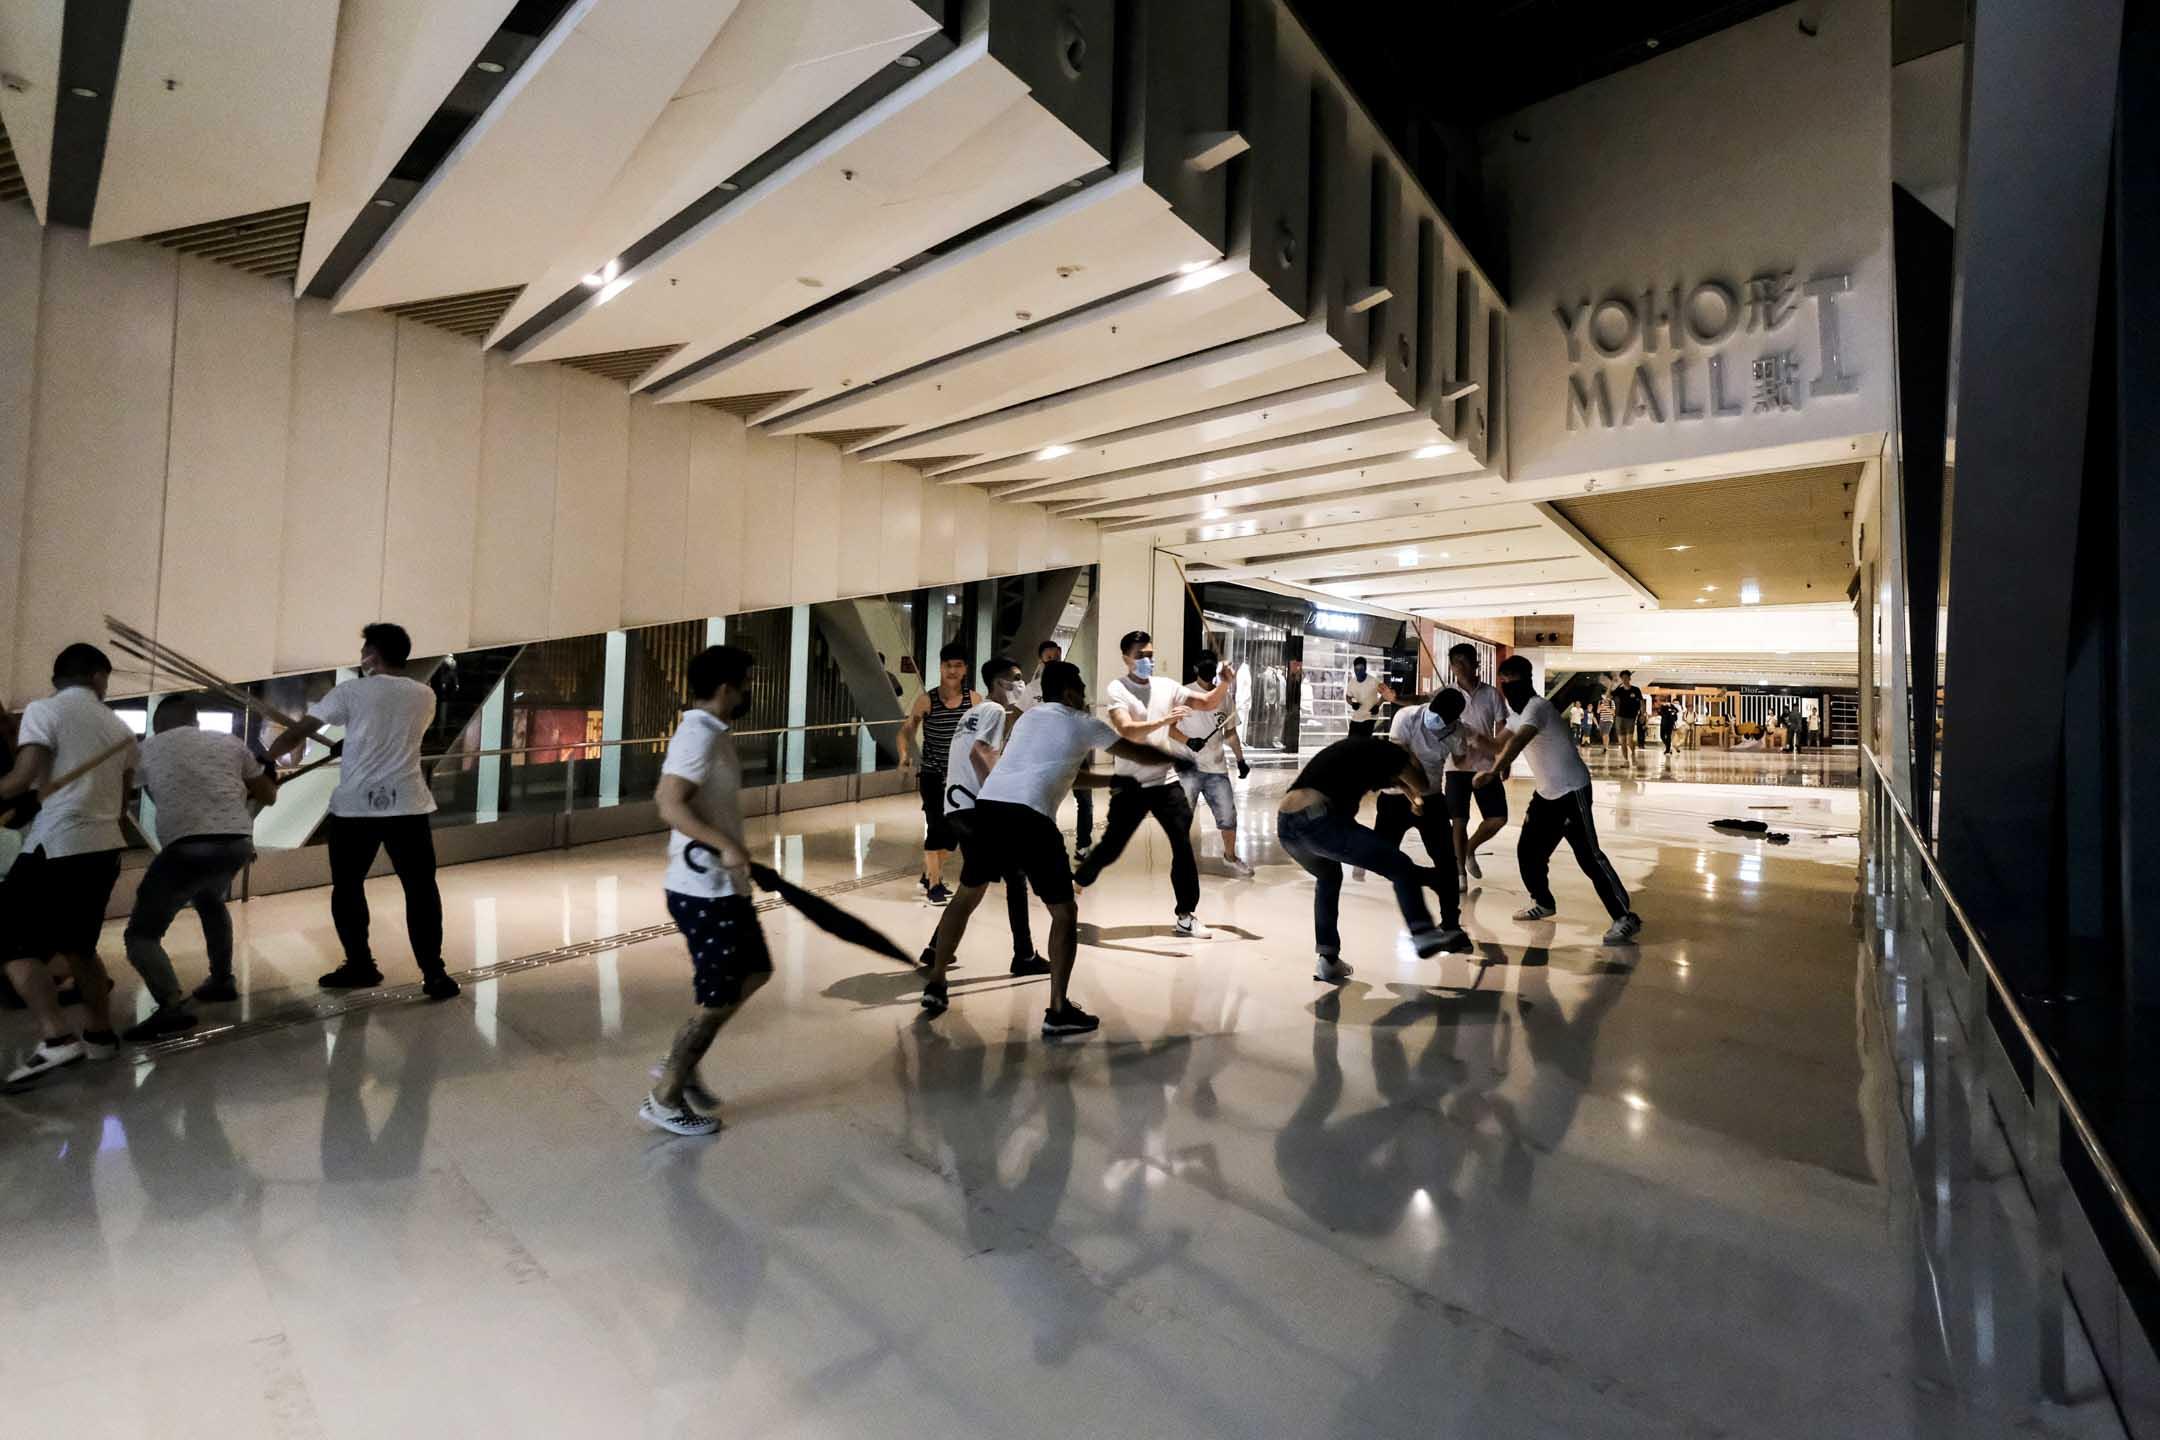 2019年7月22日,約凌晨12時29分,大批白衣人撬開鐵閘衝進元朗港鐵站,以棍棒等物件打市民,並追打至商場。 圖:端傳媒